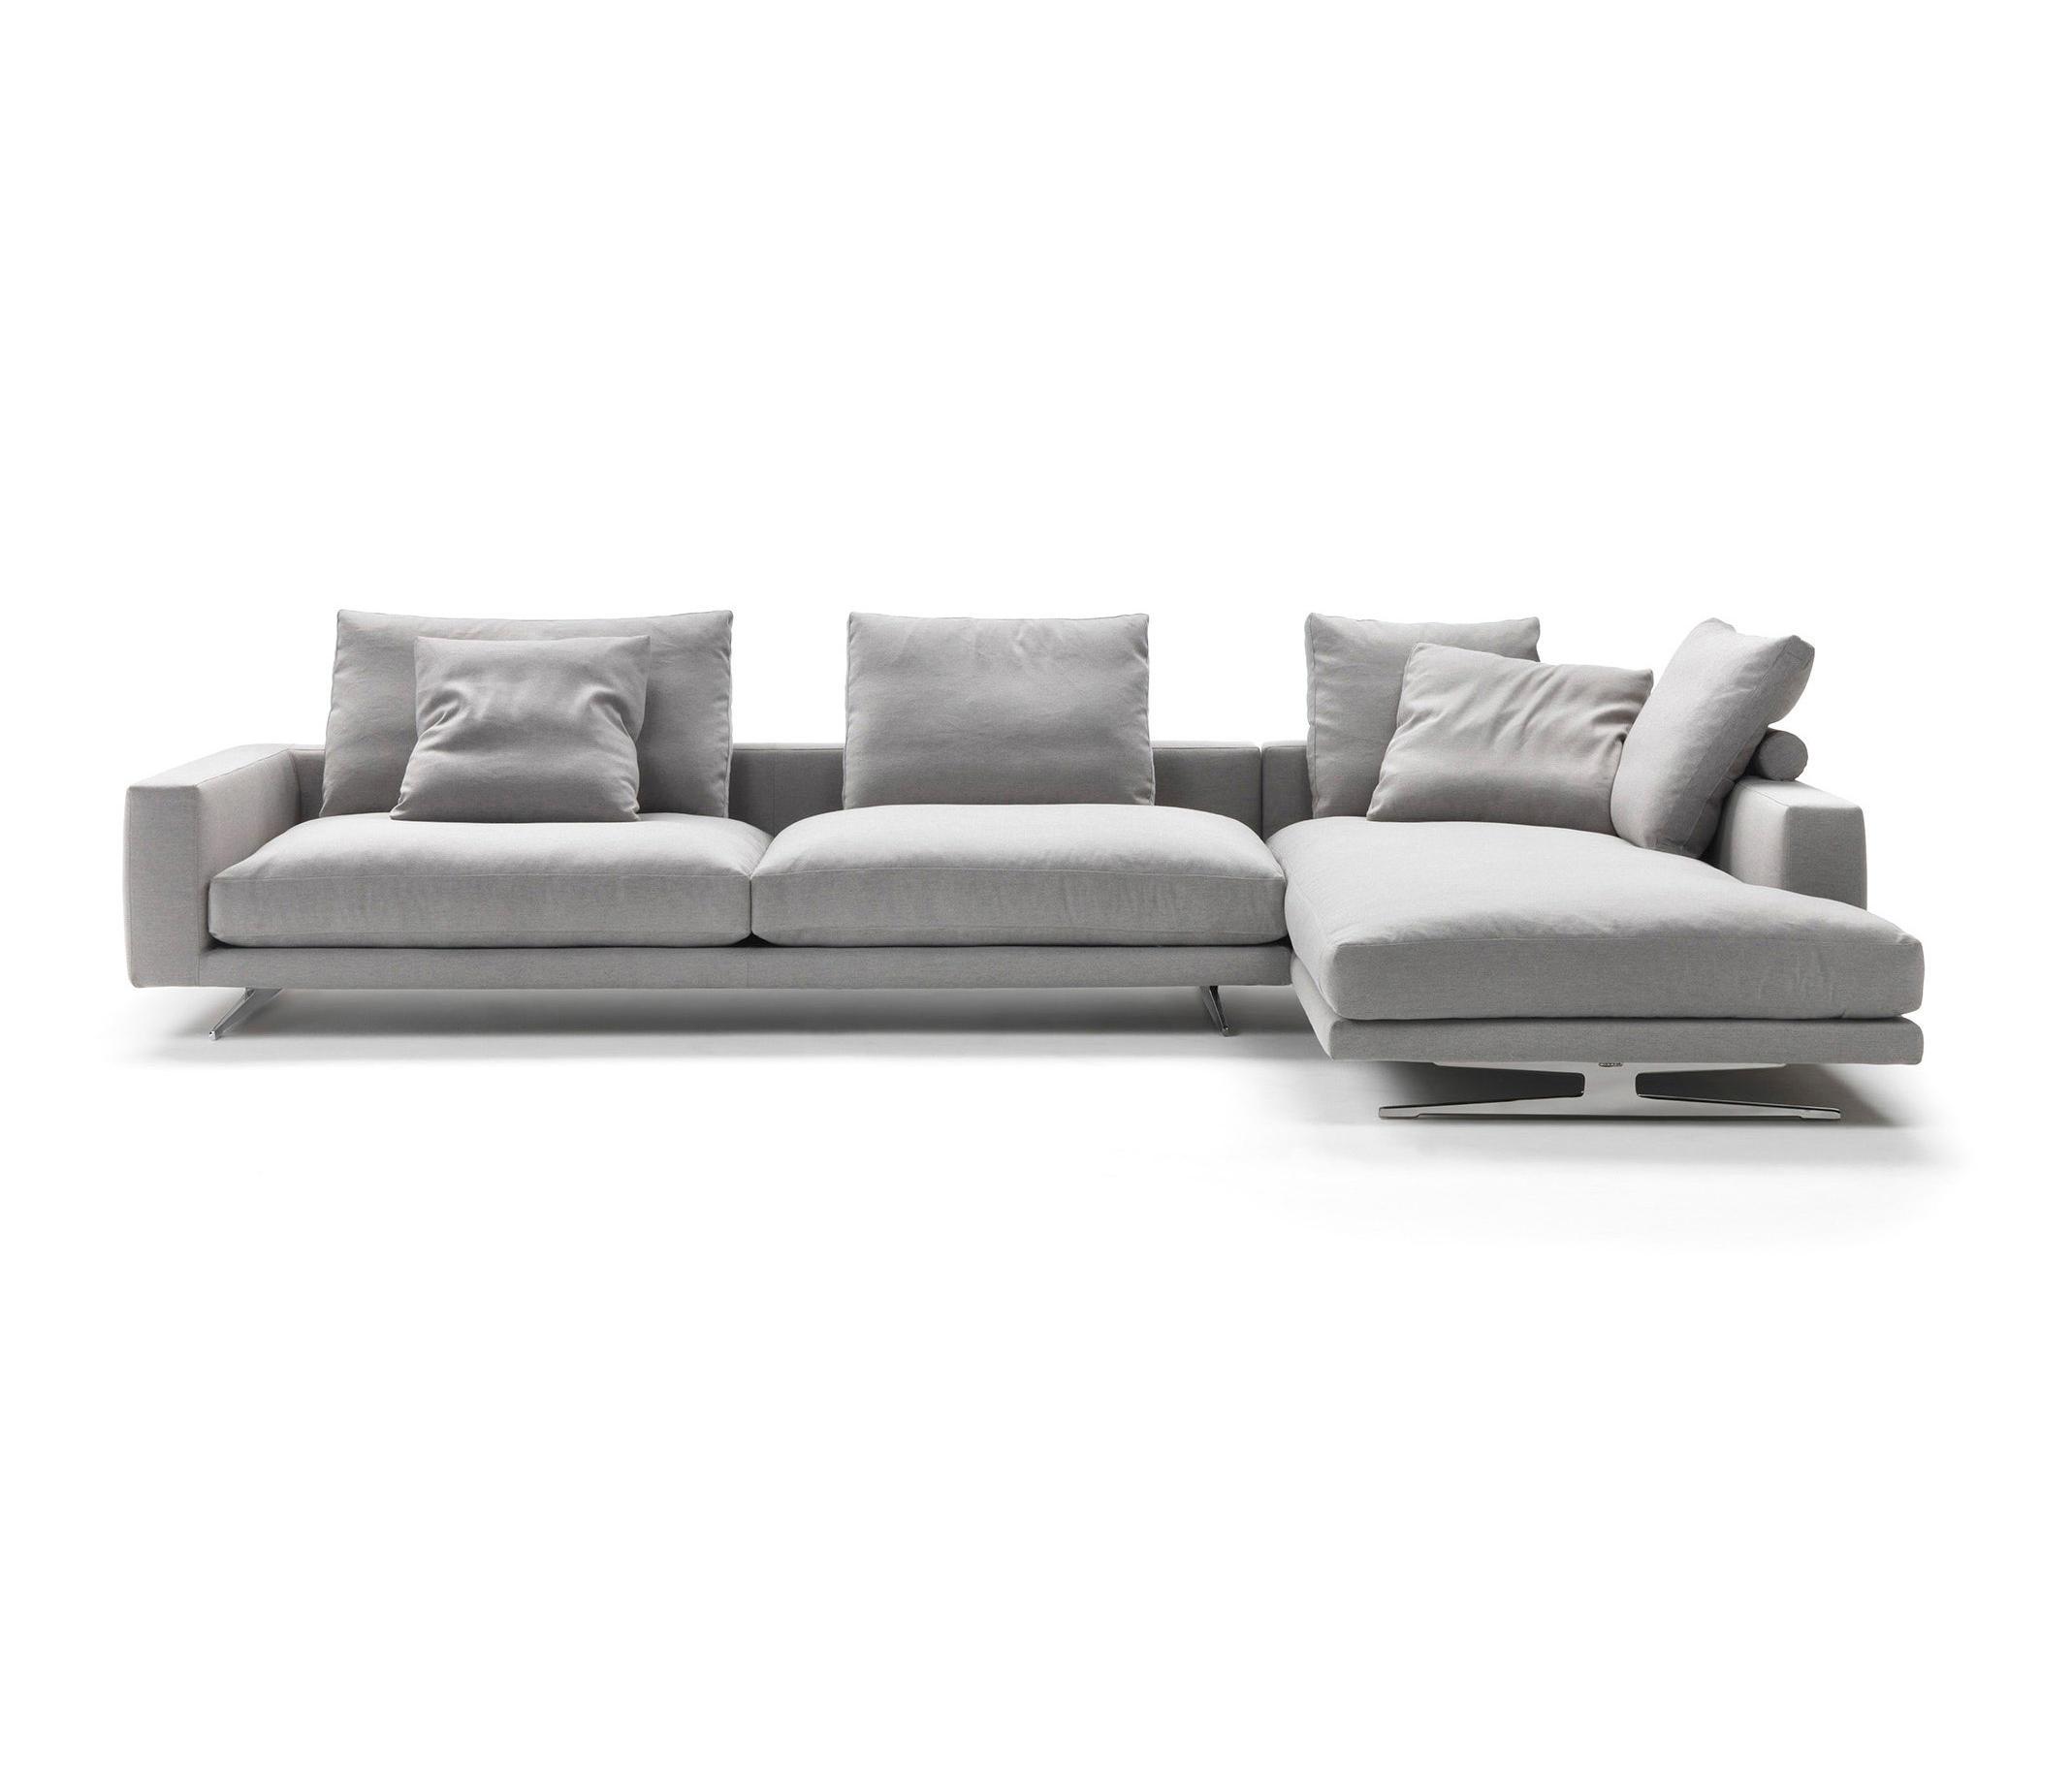 CAMPIELLO - Sofas from Flexform | Architonic